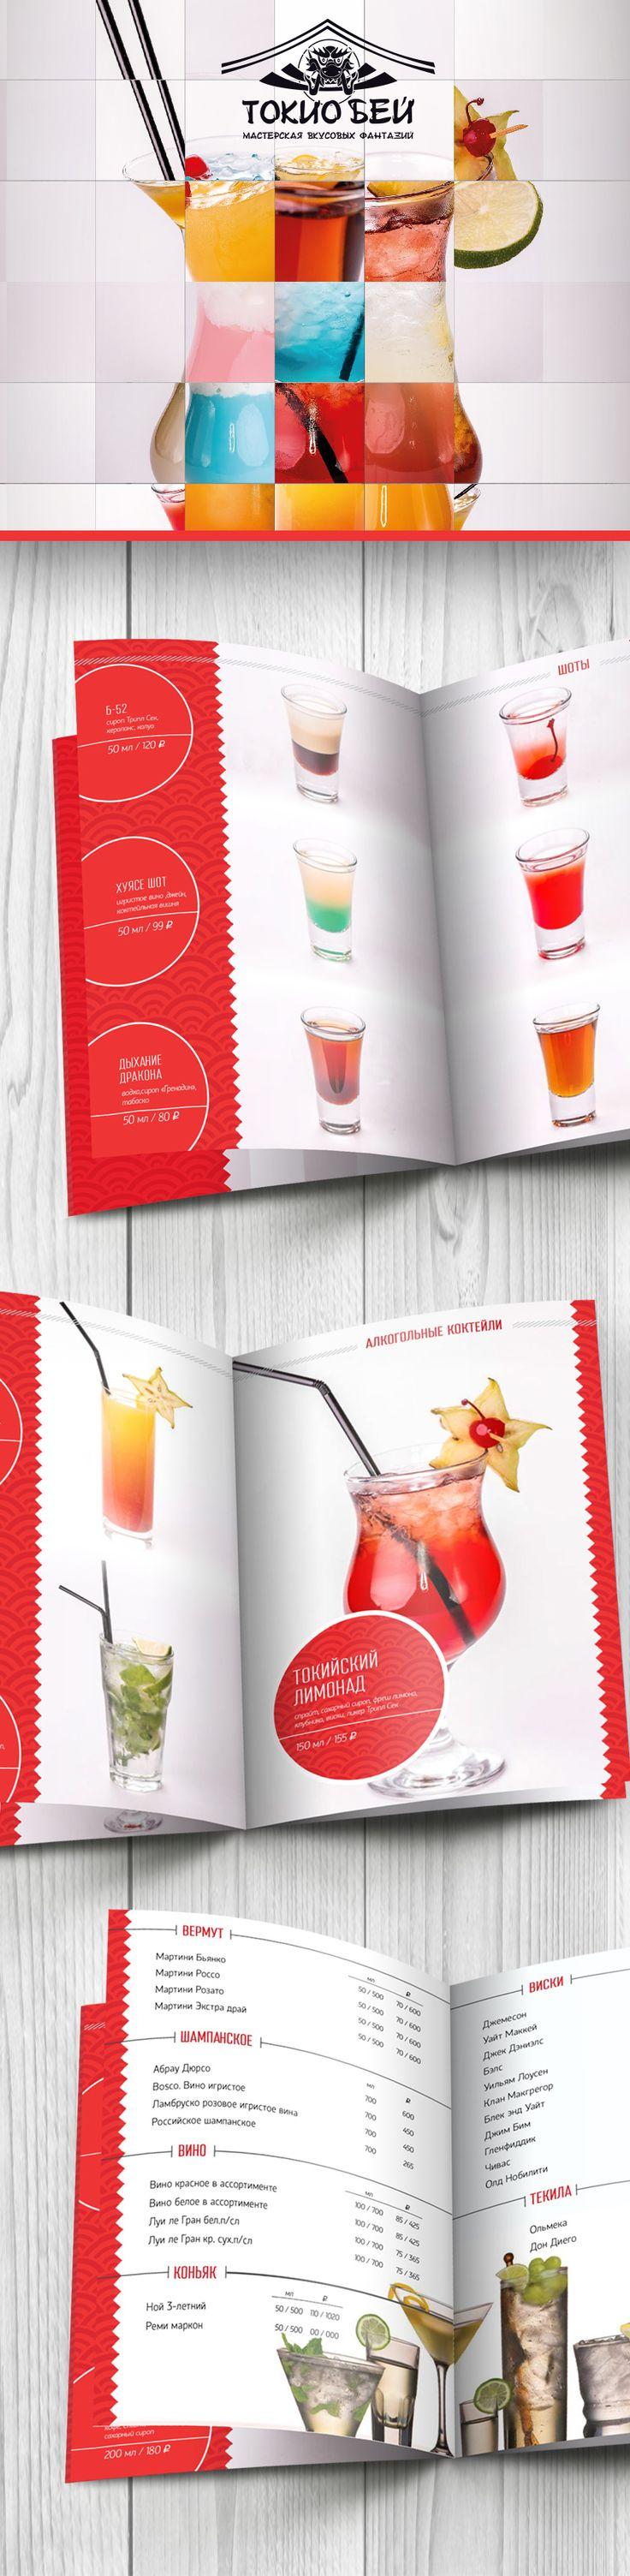 коктейльное меню токио бей